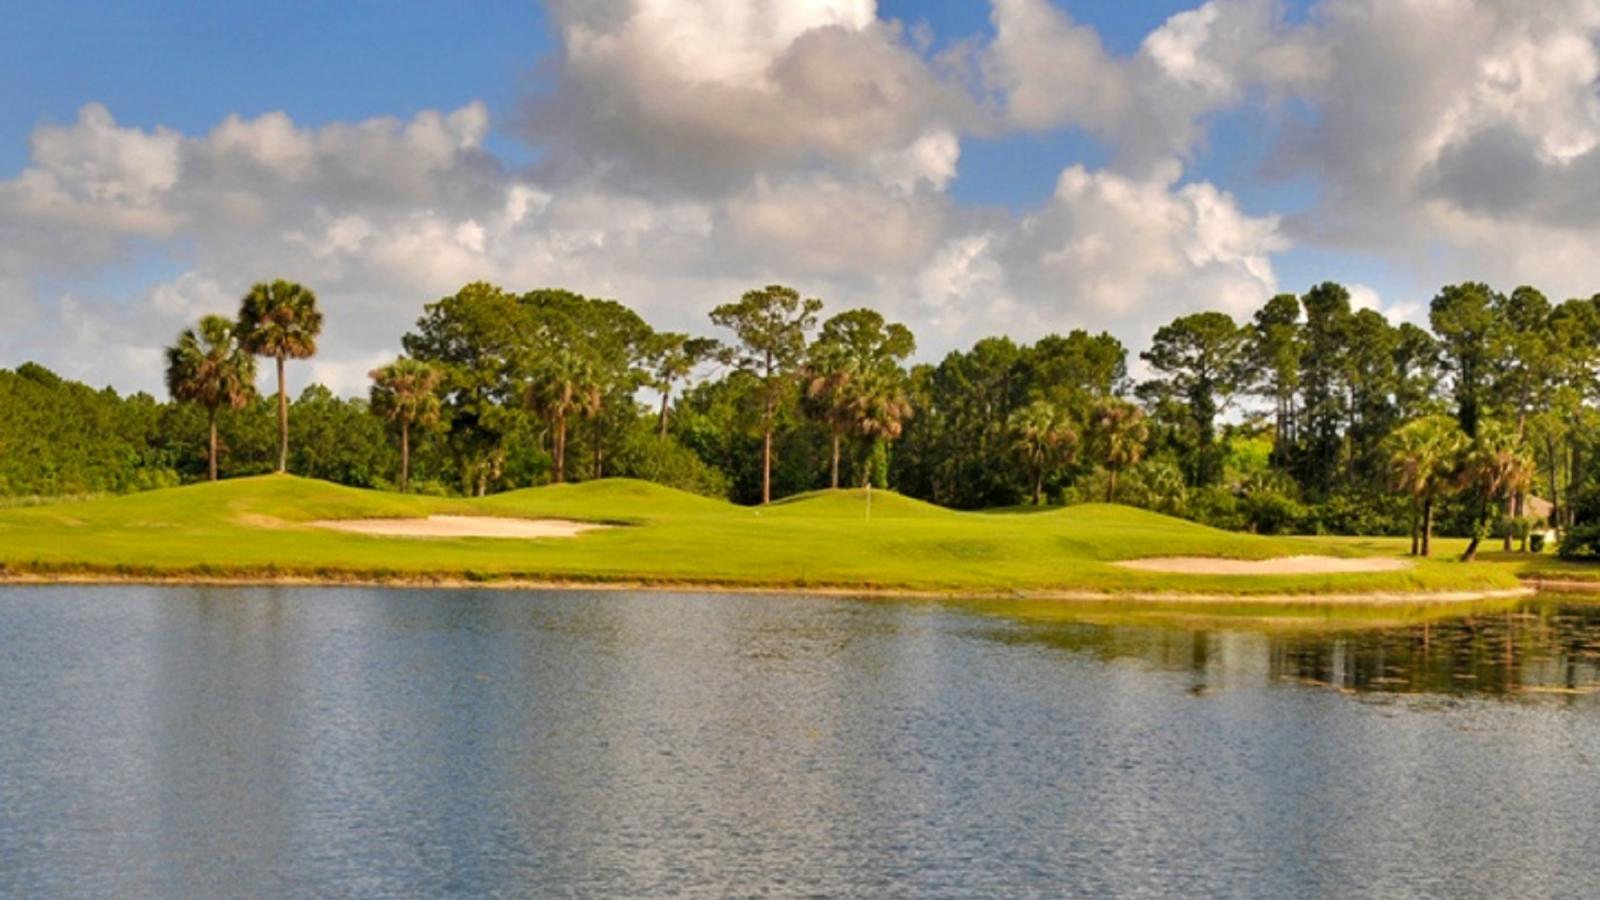 Indigo Golf Course Daytona Beach Florida